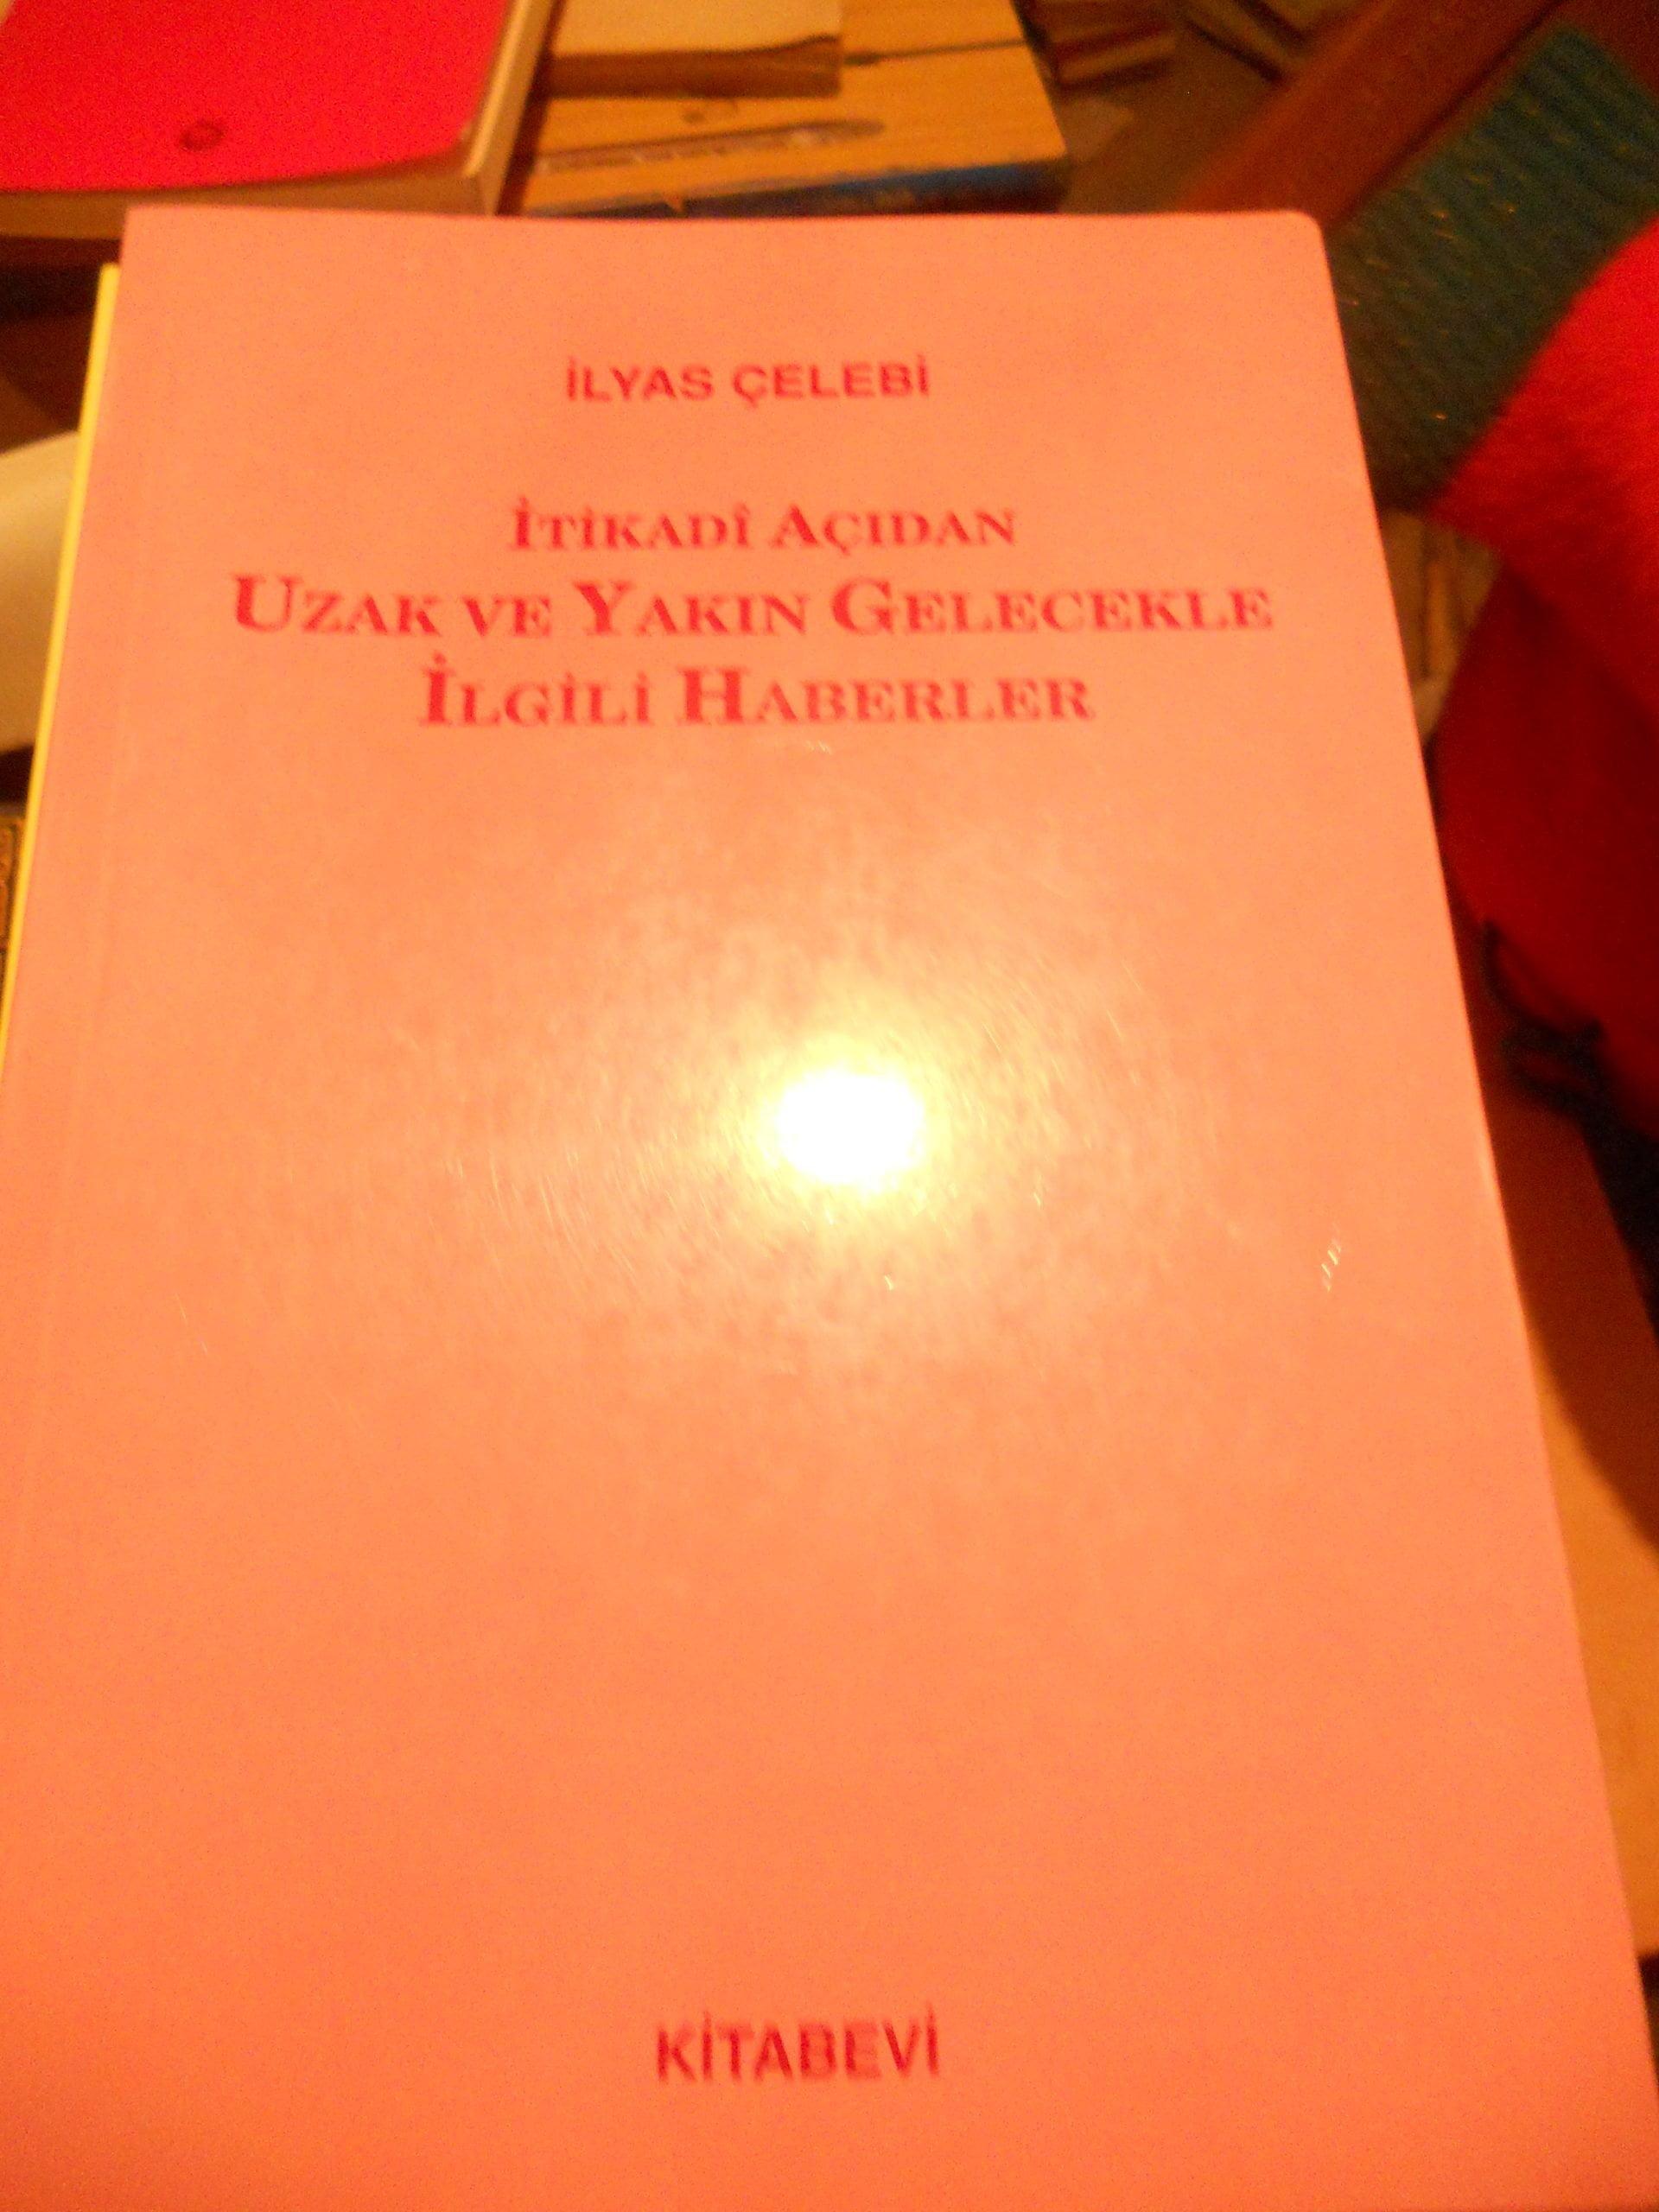 İTİKADİ AÇIDAN UZAK VE YAKIN GELECEKLE İLGİLİ HABERLER/İlyas Çelebi/20 tl